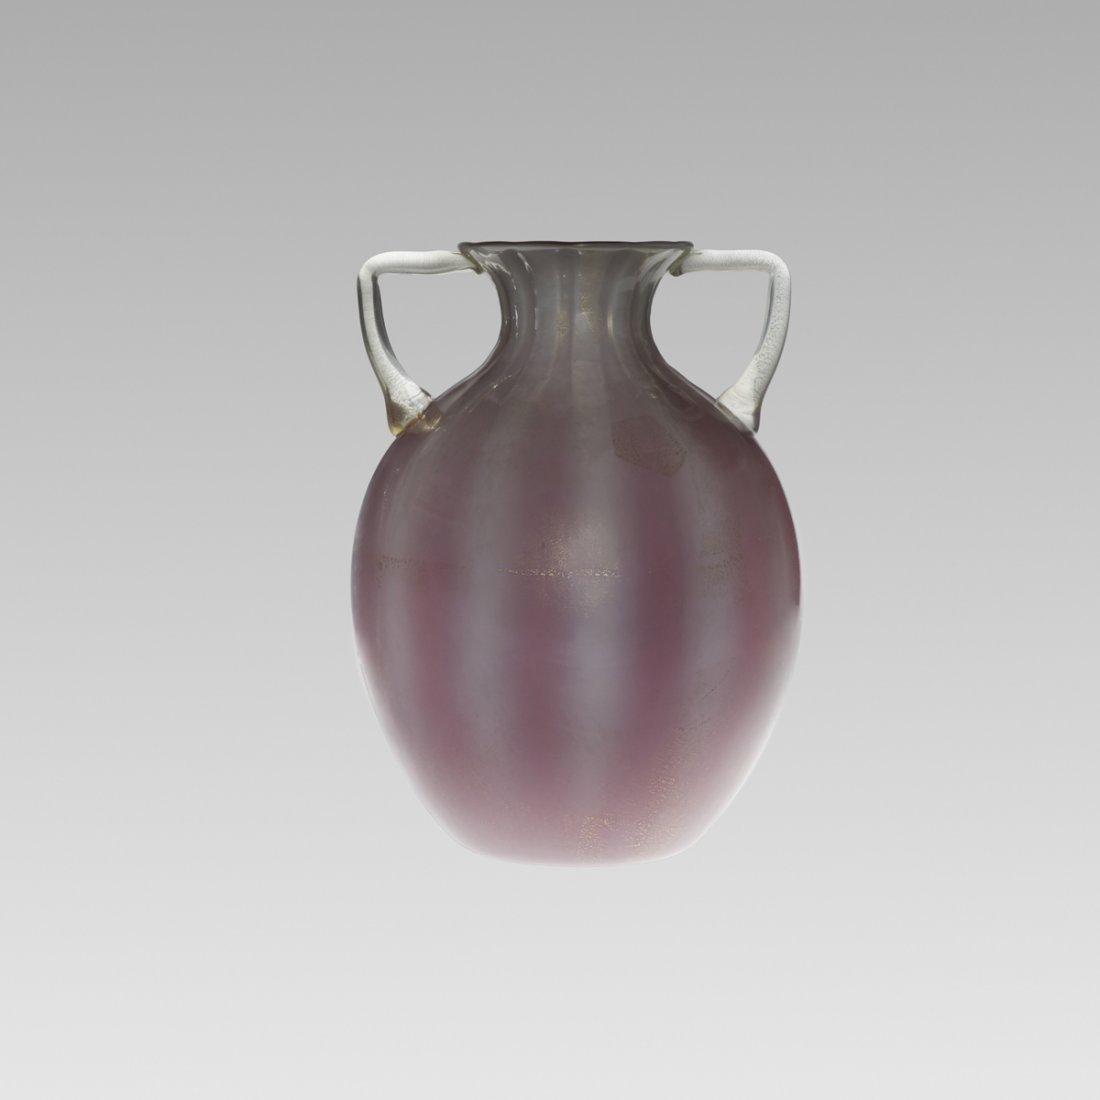 123: Barovier Seguso & Ferro vase